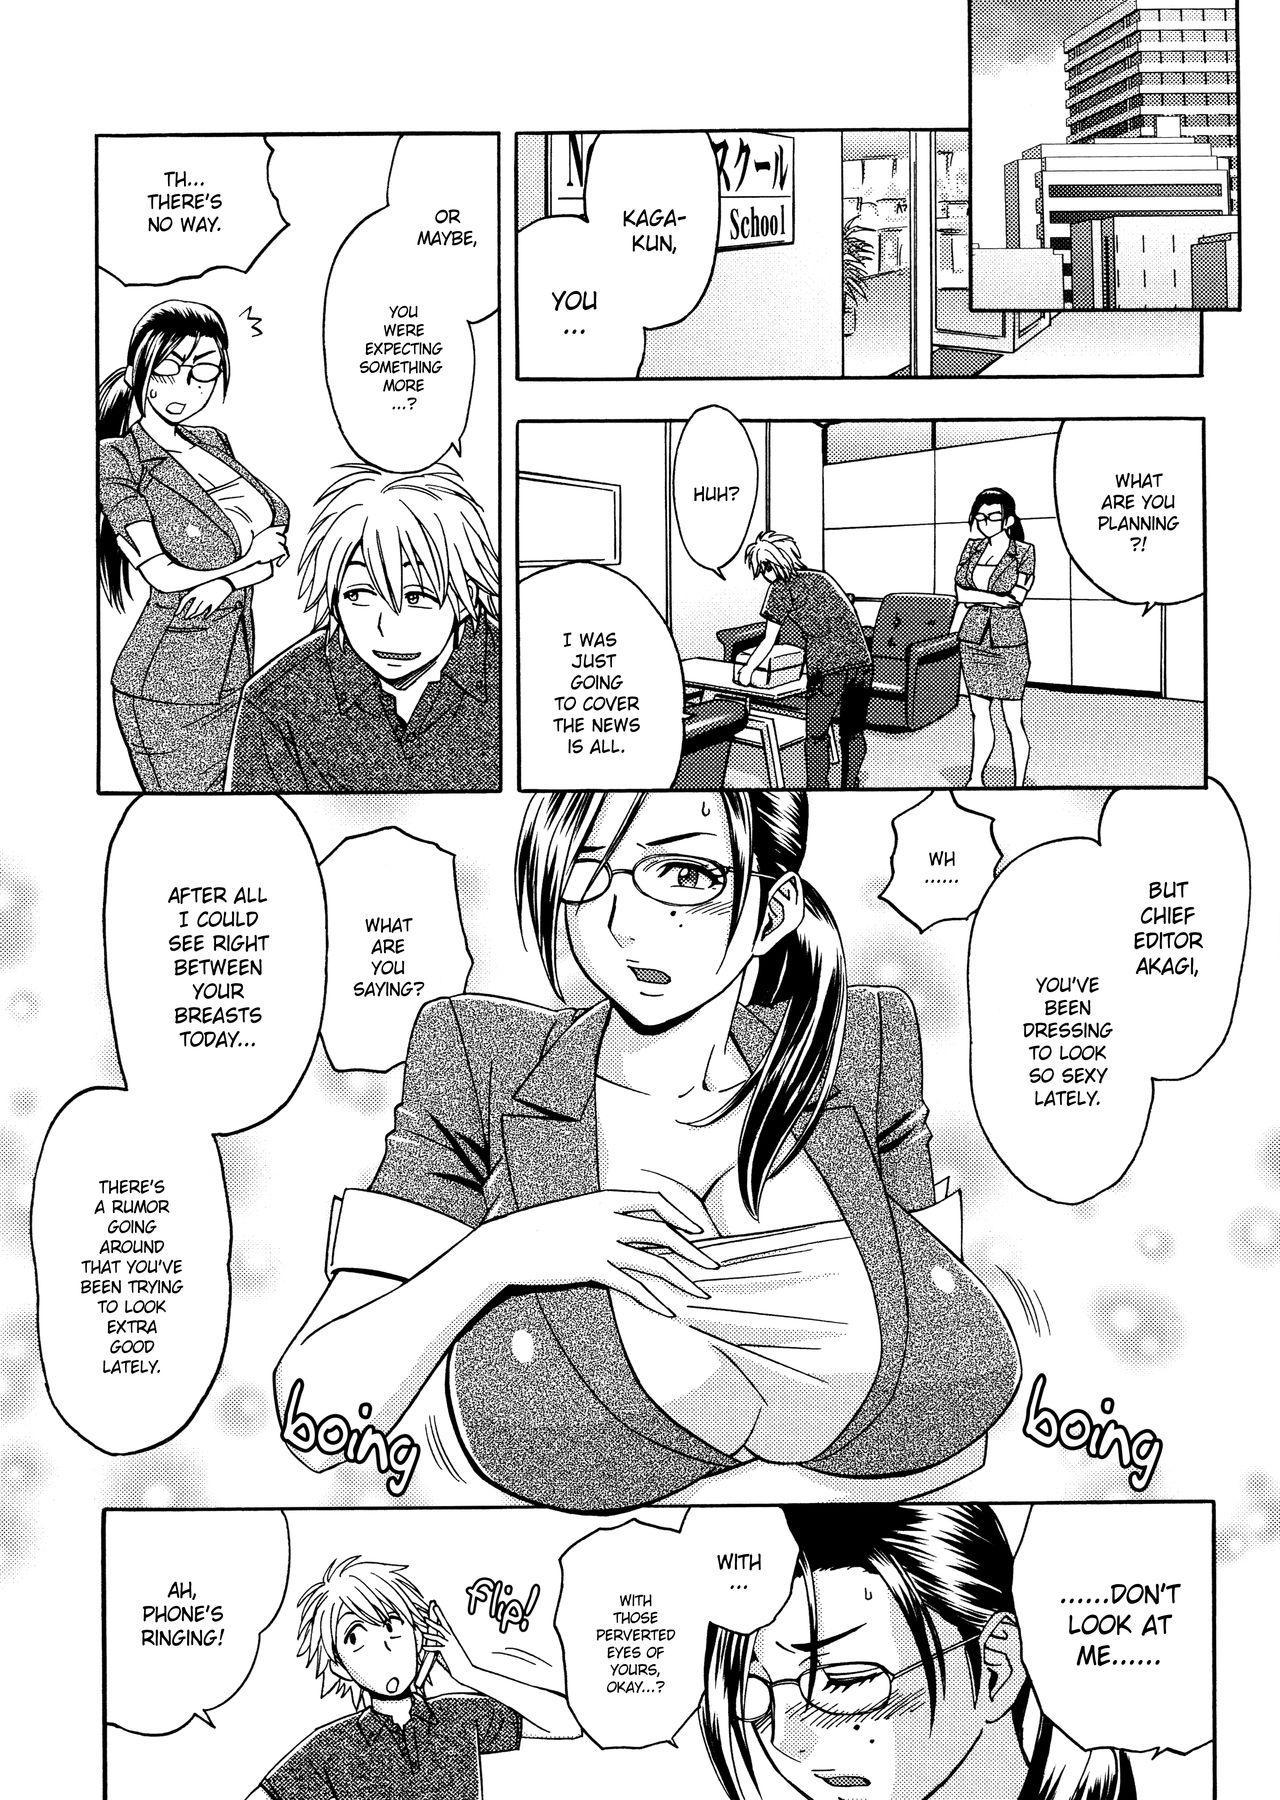 [Tatsunami Youtoku, Yamazaki Masato] Bijin Henshuu-chou no Himitsu | Beautiful Editor-in-Chief's Secret Ch. 1-4 [English] [Forbiddenfetish77, Red Vodka] [Decensored] 28